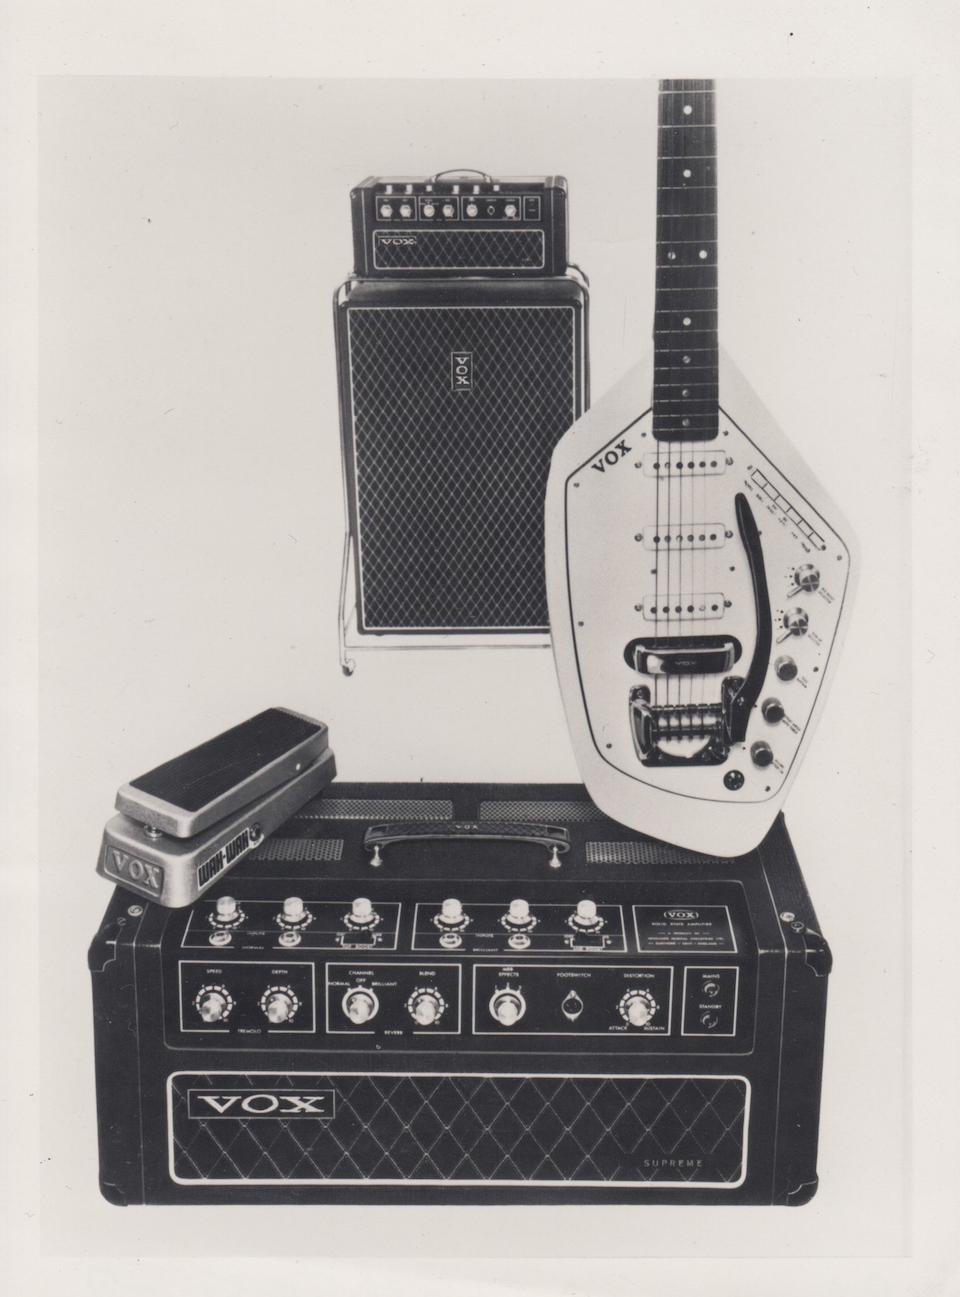 Curiosities – La guitare Vox Phantom de Ian Curtis aux enchères